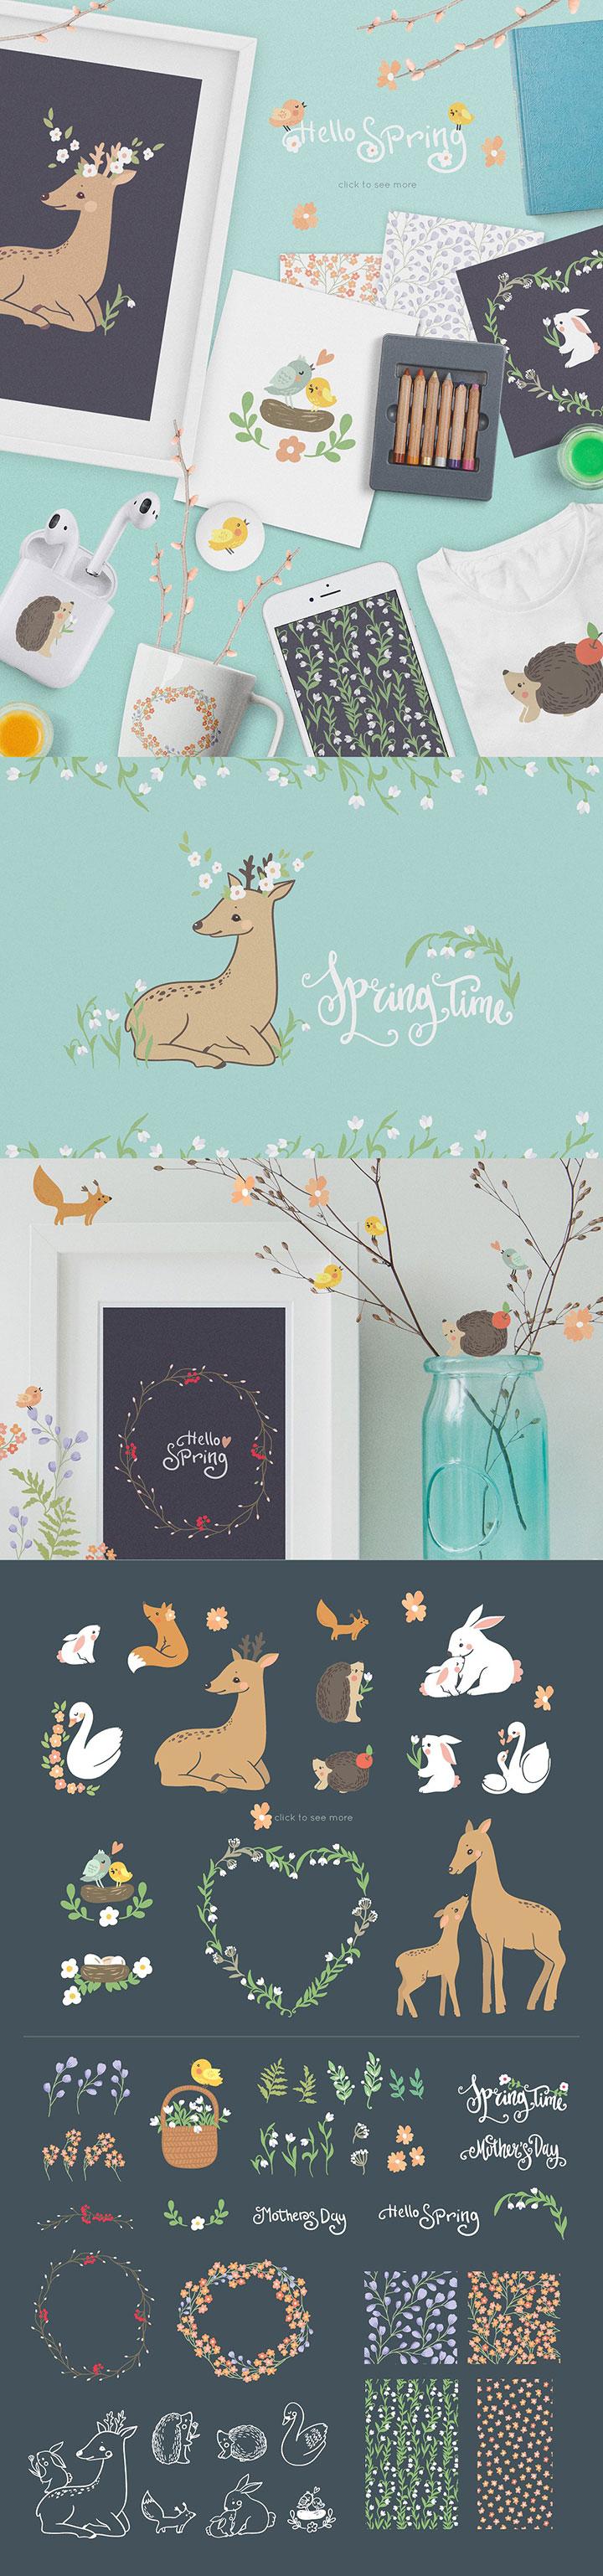 欧式春季风格的自然动物花卉元素打包下载[EPS]设计素材模板